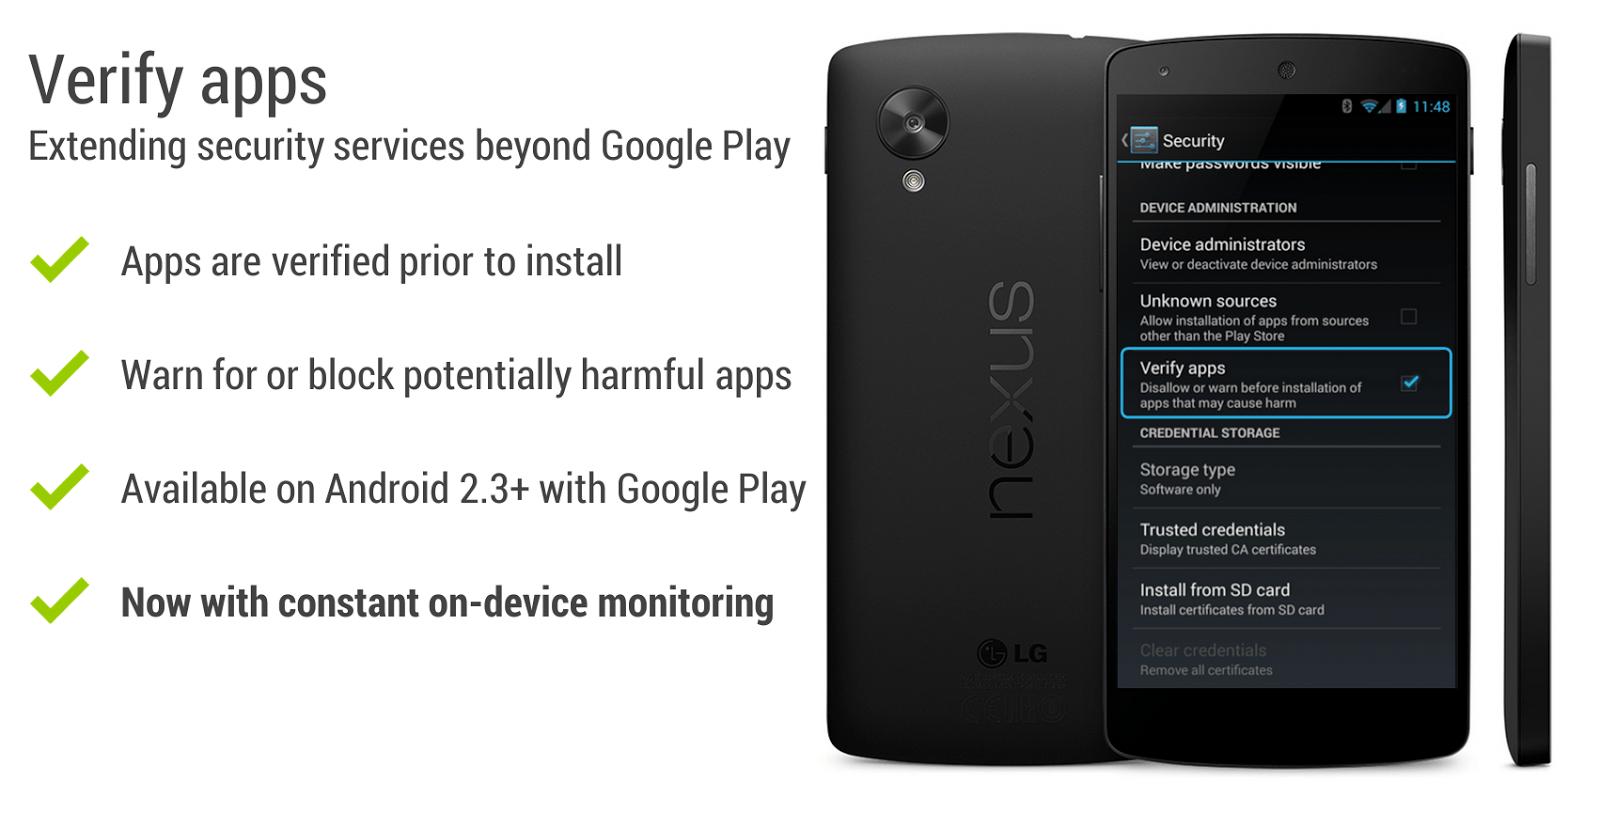 Google renforce la sécurité d'Android avec une vérification continue des applications